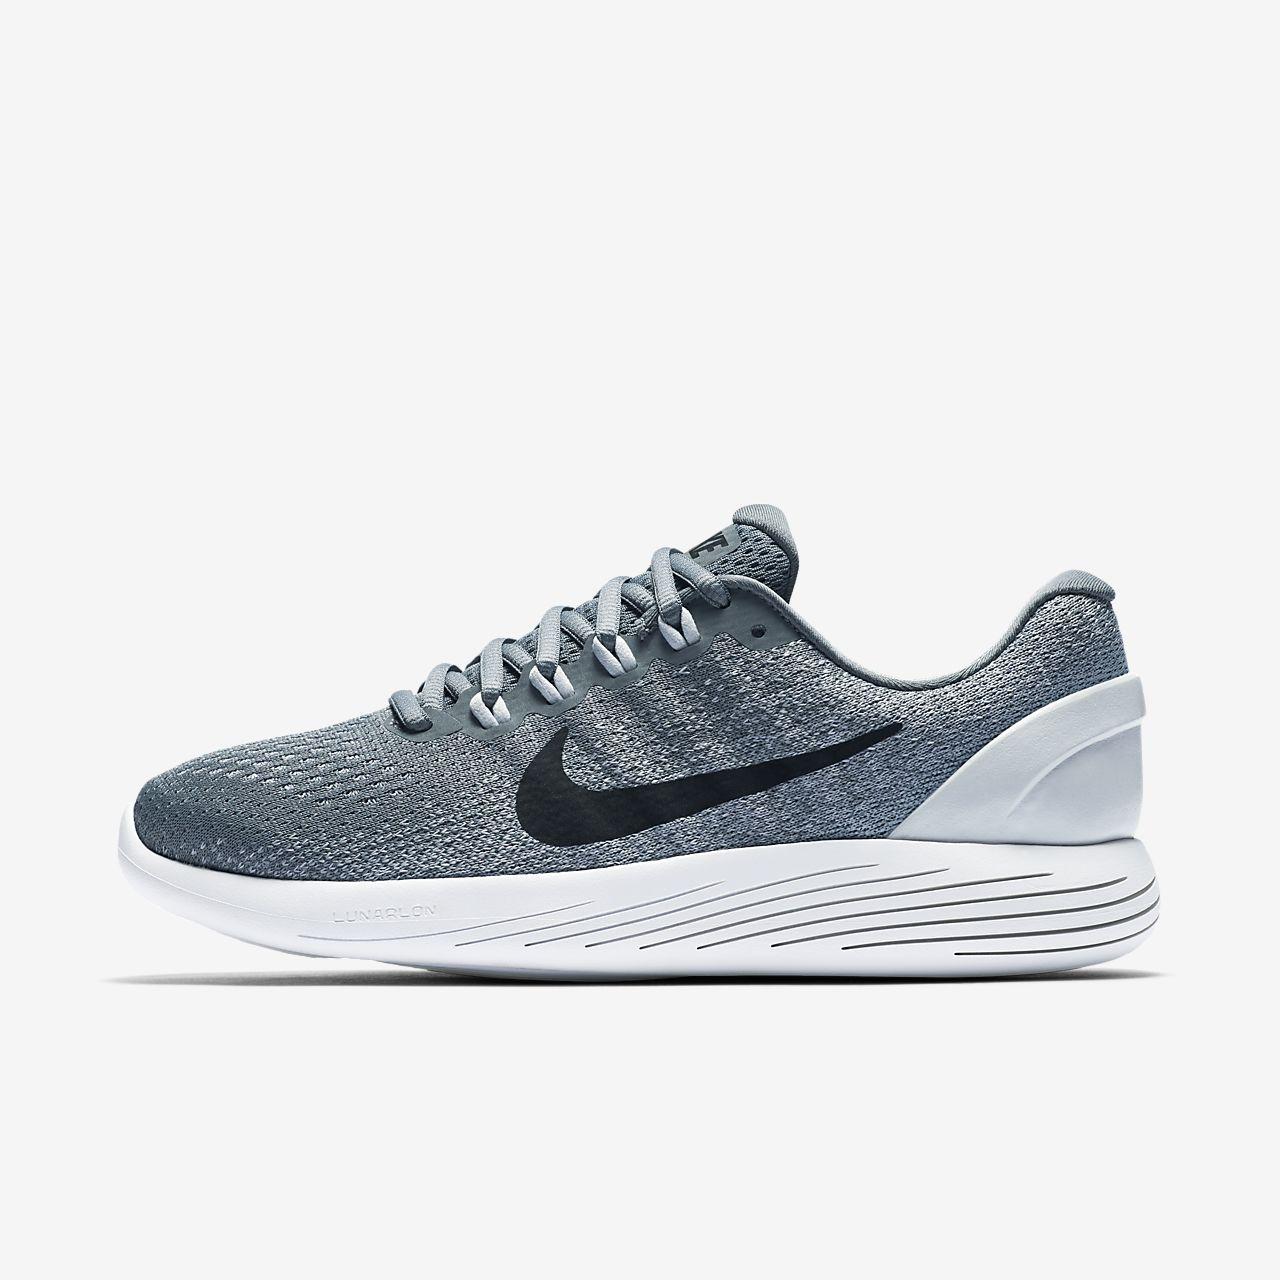 Nike Lunarglide Femme De Ca Chaussure Running 9 Pour w6BEtpFq